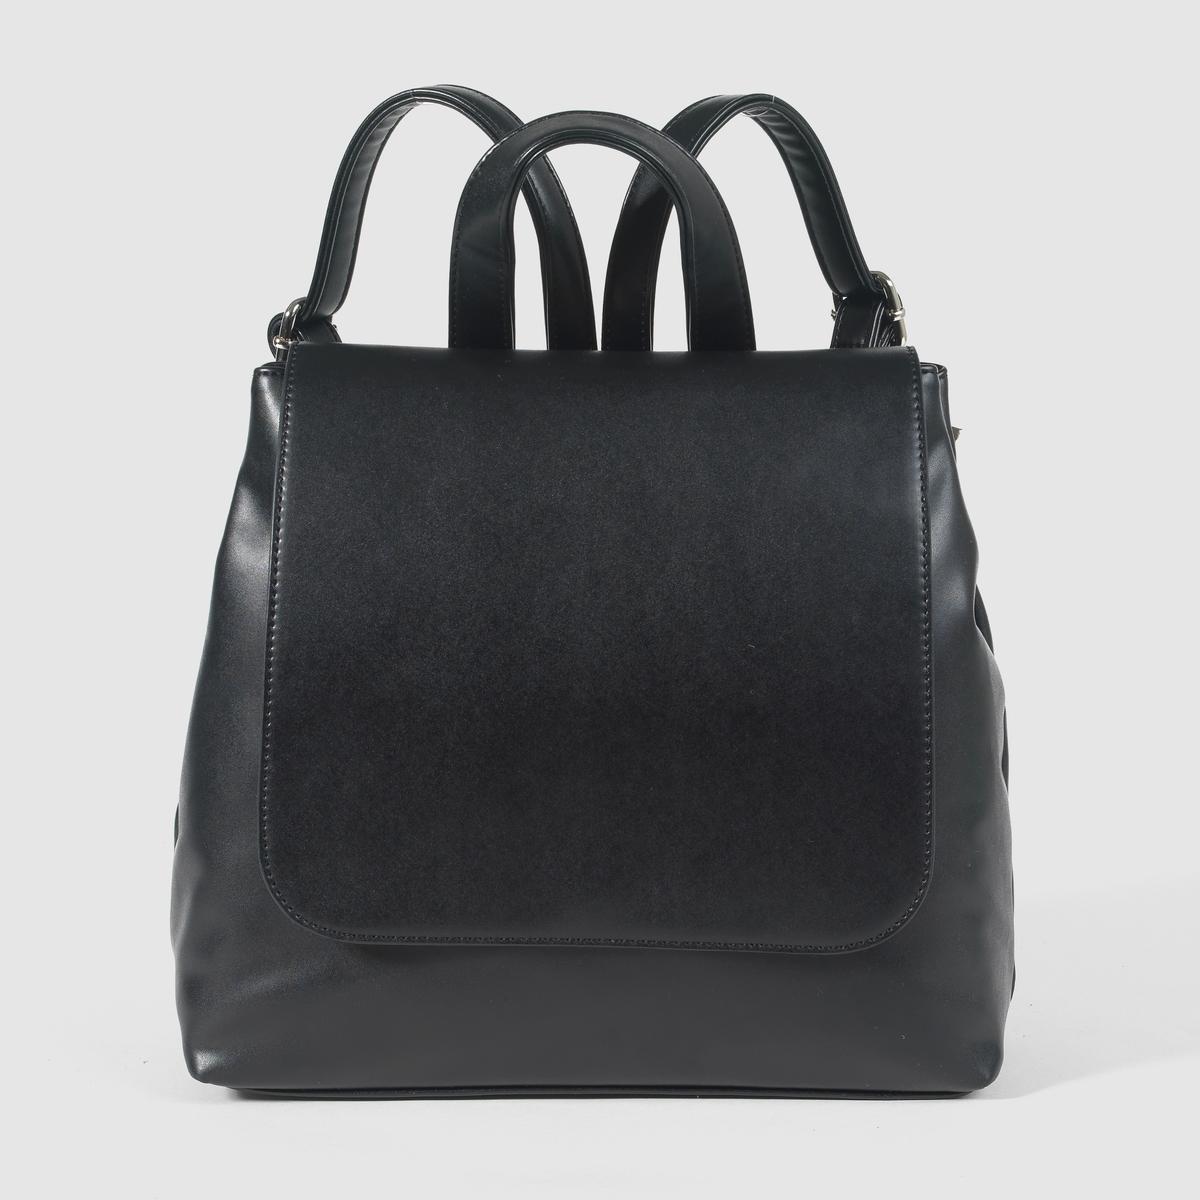 РюкзакПреимущества : очень практичный и красивый рюкзак на пике модных тенденций. Незаменим для  жизни в городе!<br><br>Цвет: черный<br>Размер: единый размер